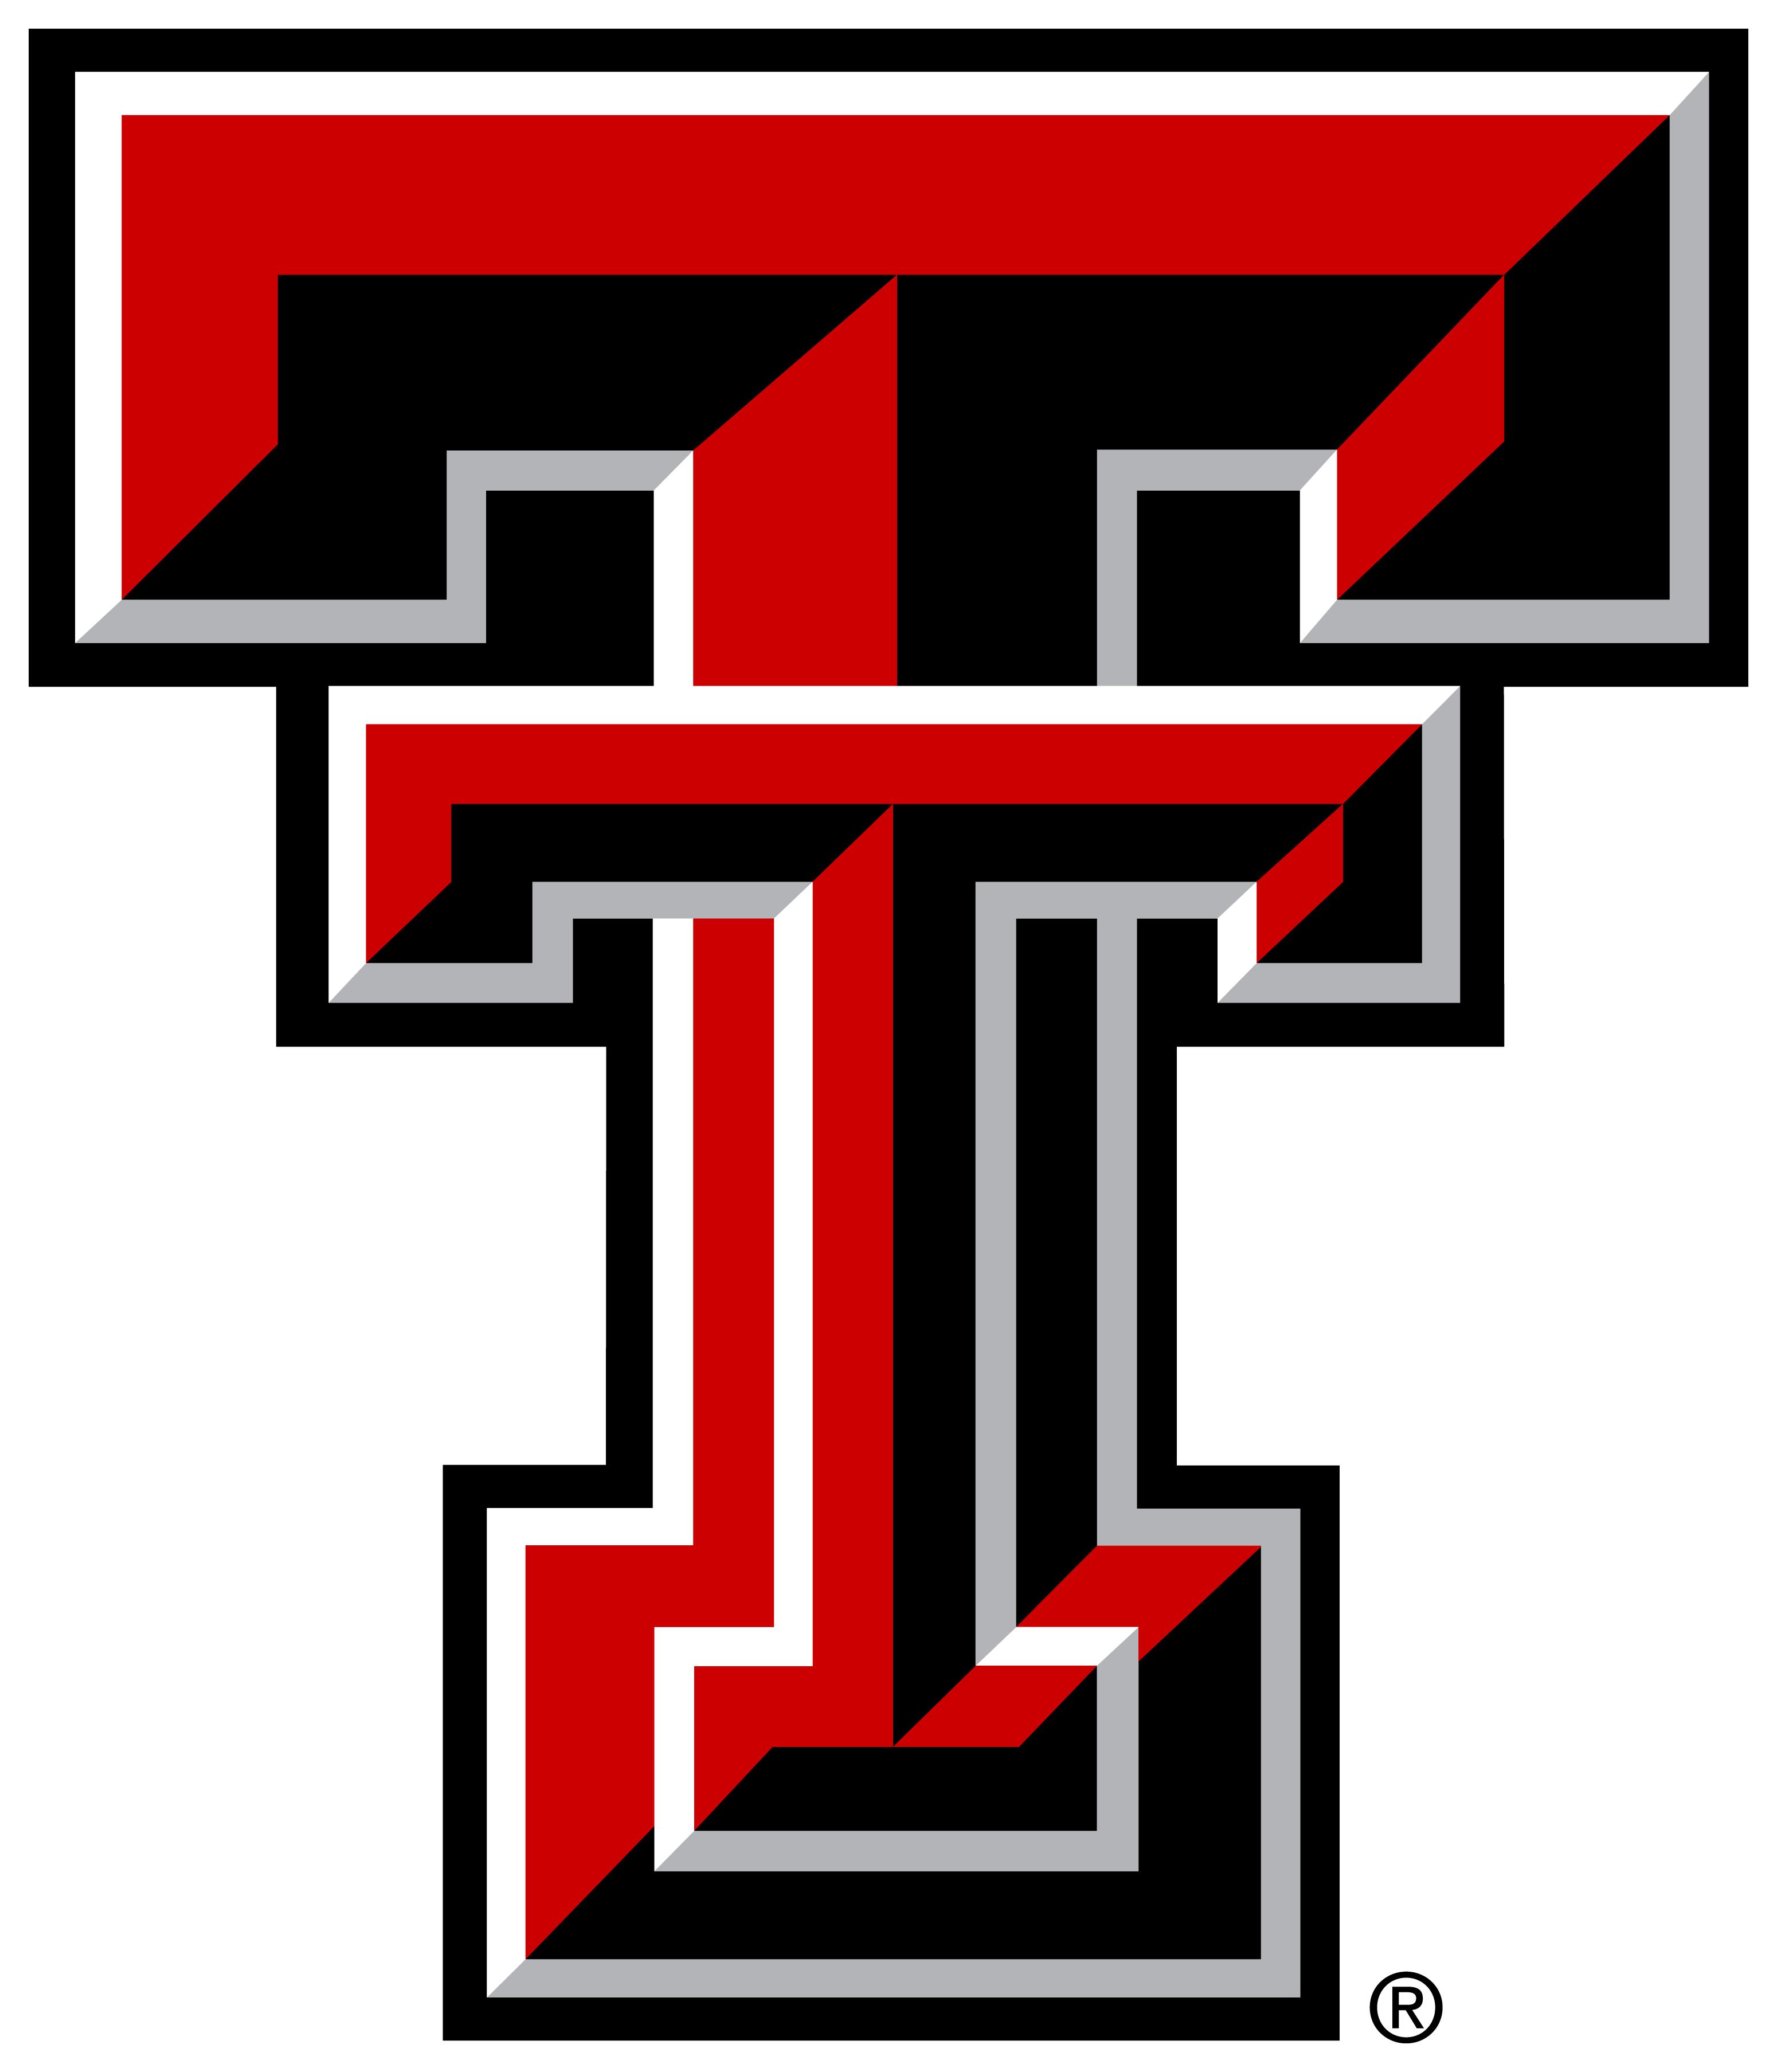 3100x3615 Texas Tech Logo Clipart Image